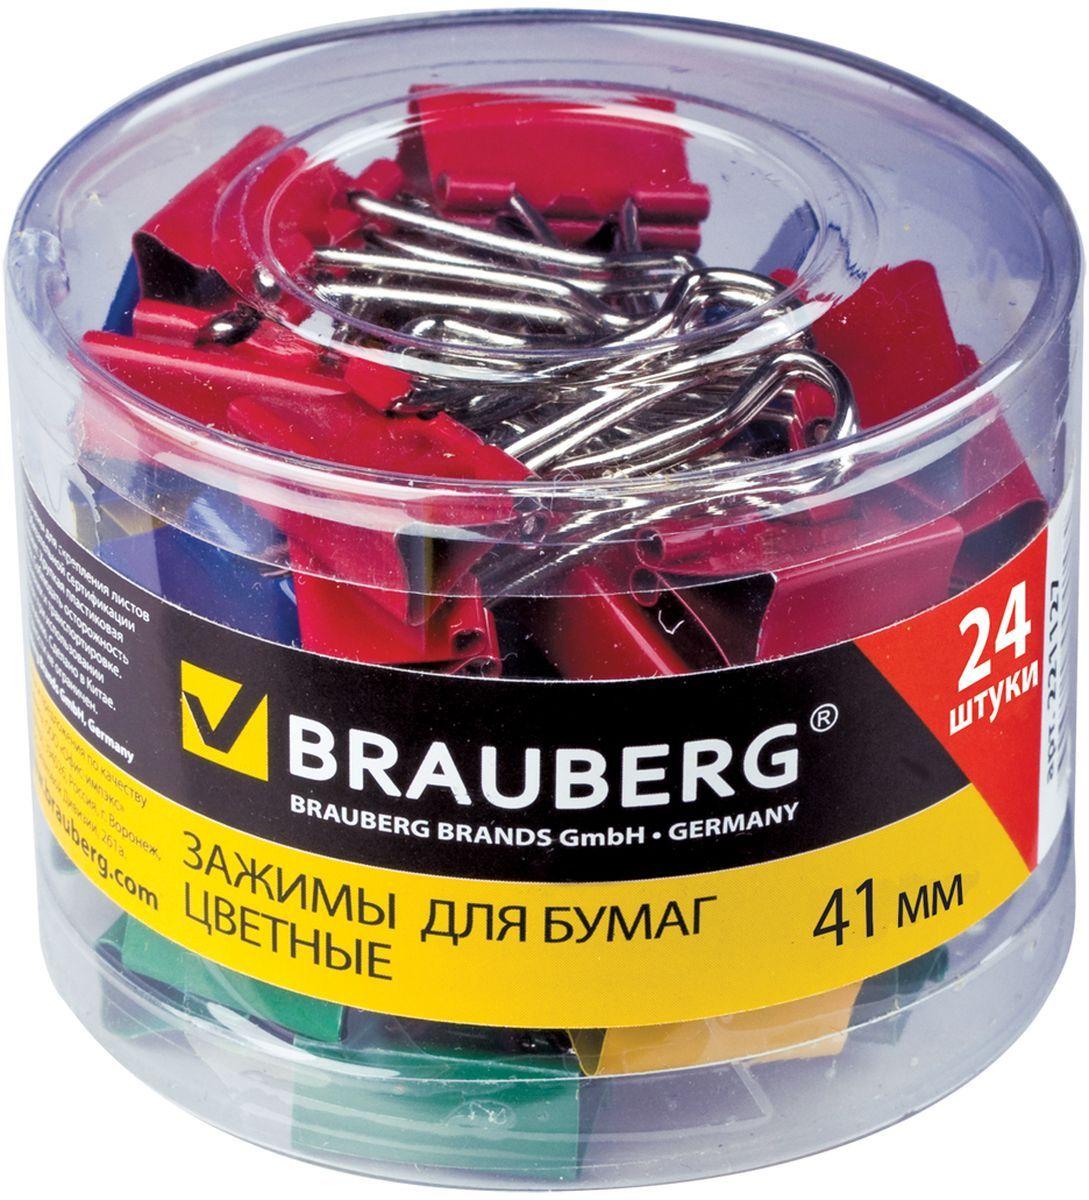 Brauberg Зажим для бумаг 41 мм 24 шт221130Зажимы для бумаг Brauberg предназначены для скрепления документов без использования степлера. Скрепляют до 200 листов. В коробке представлены зажимы красного, желтого, зеленого, синего и белого цветов.